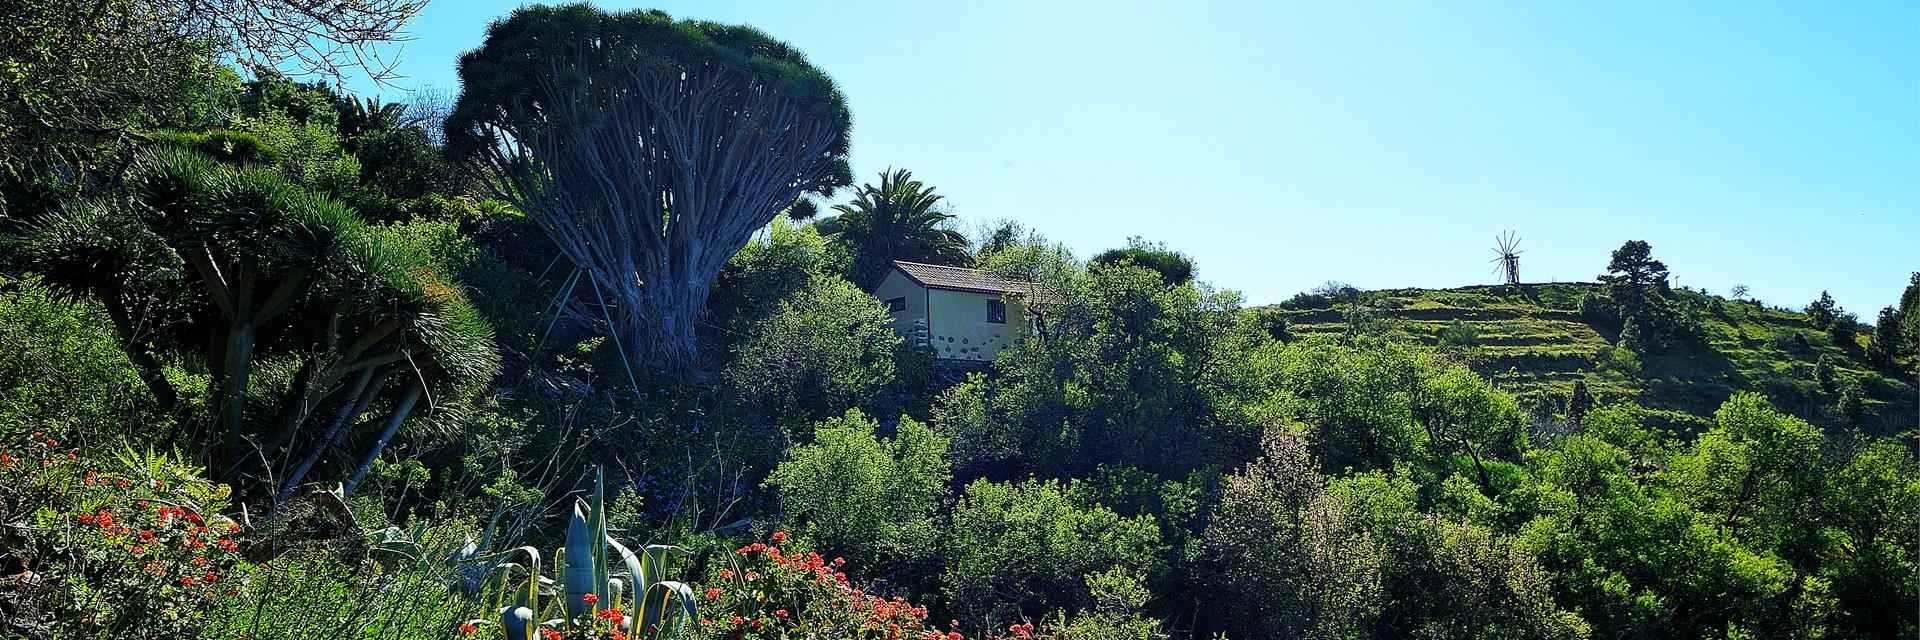 Kosten koper voor een huis op la palma canarische eilanden - Geavanceerd zoeken ...